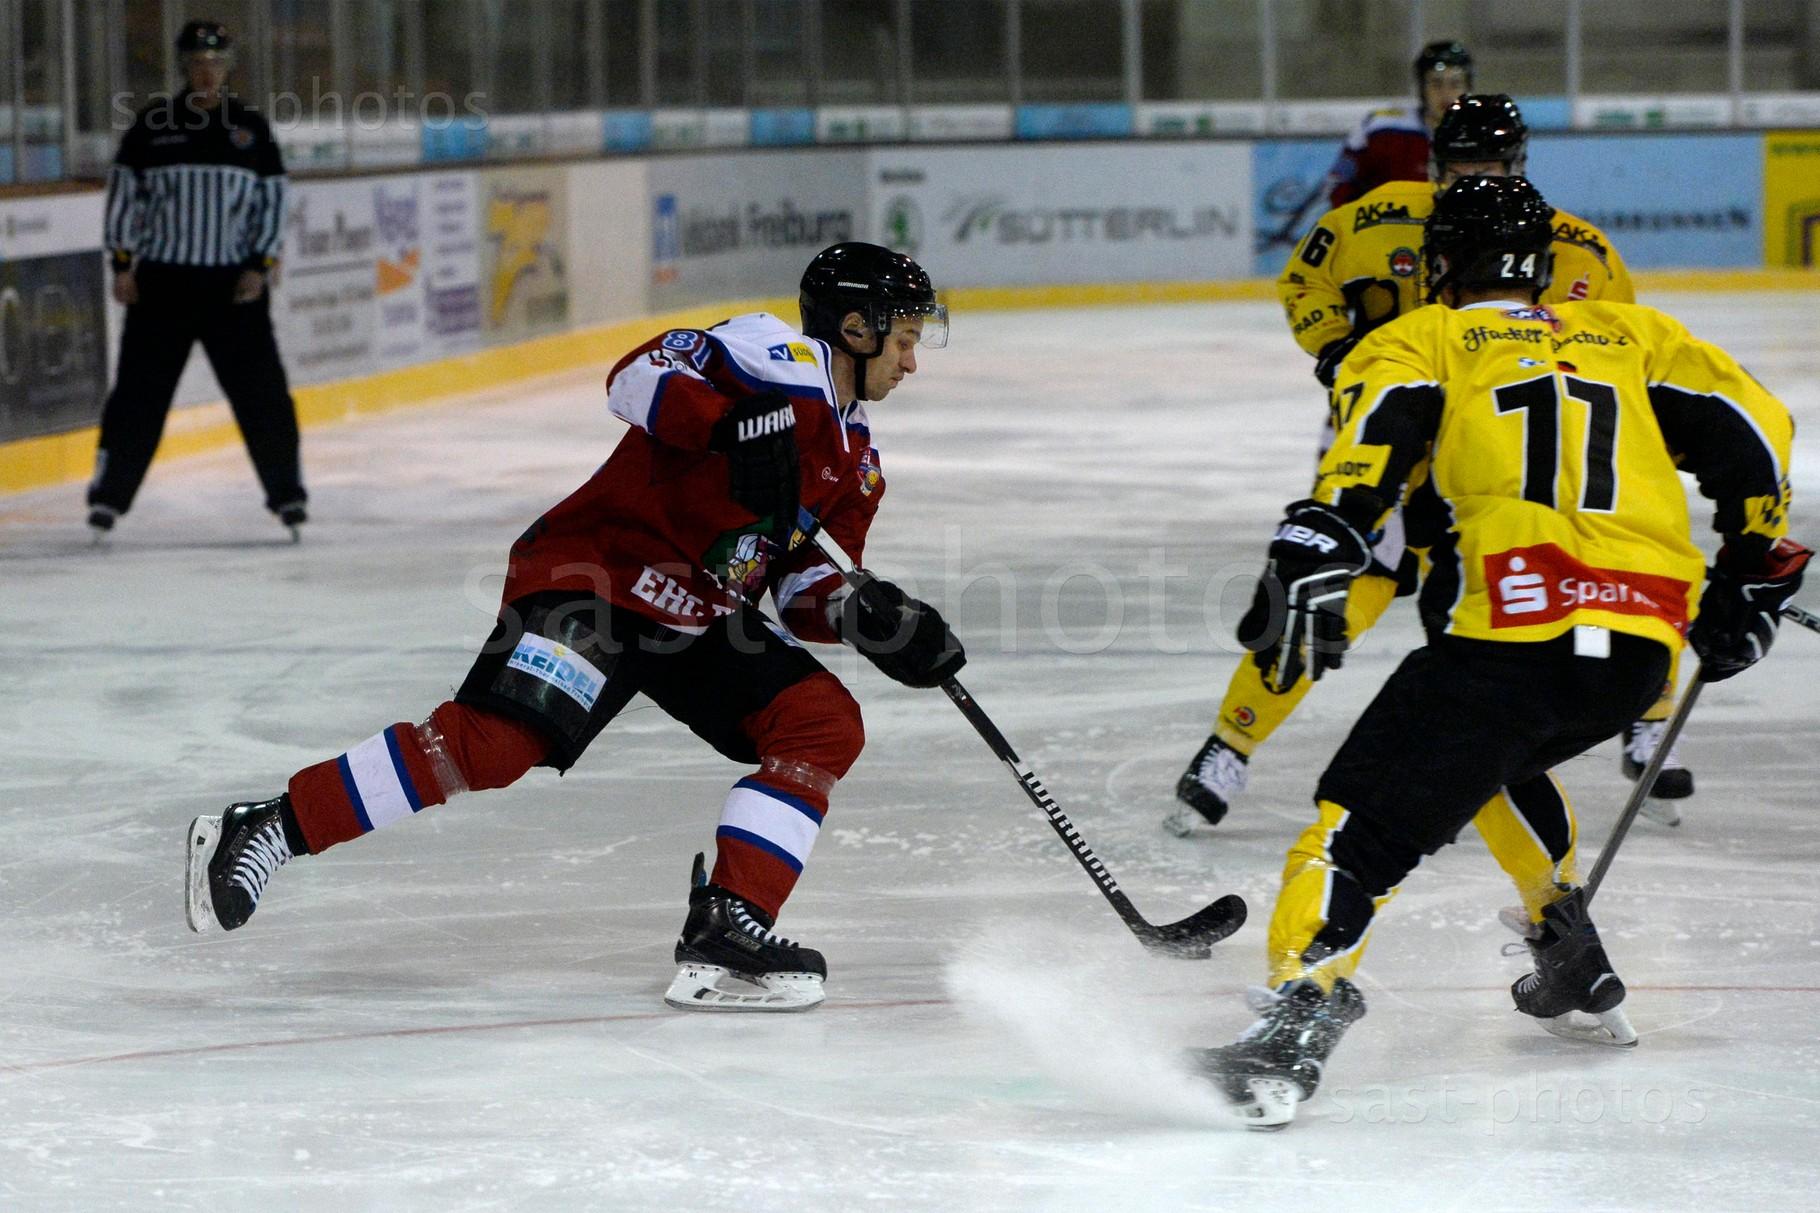 Chris Billich (L. Freiburg) gegen Gereon Erpenbach (Bad Toelz)